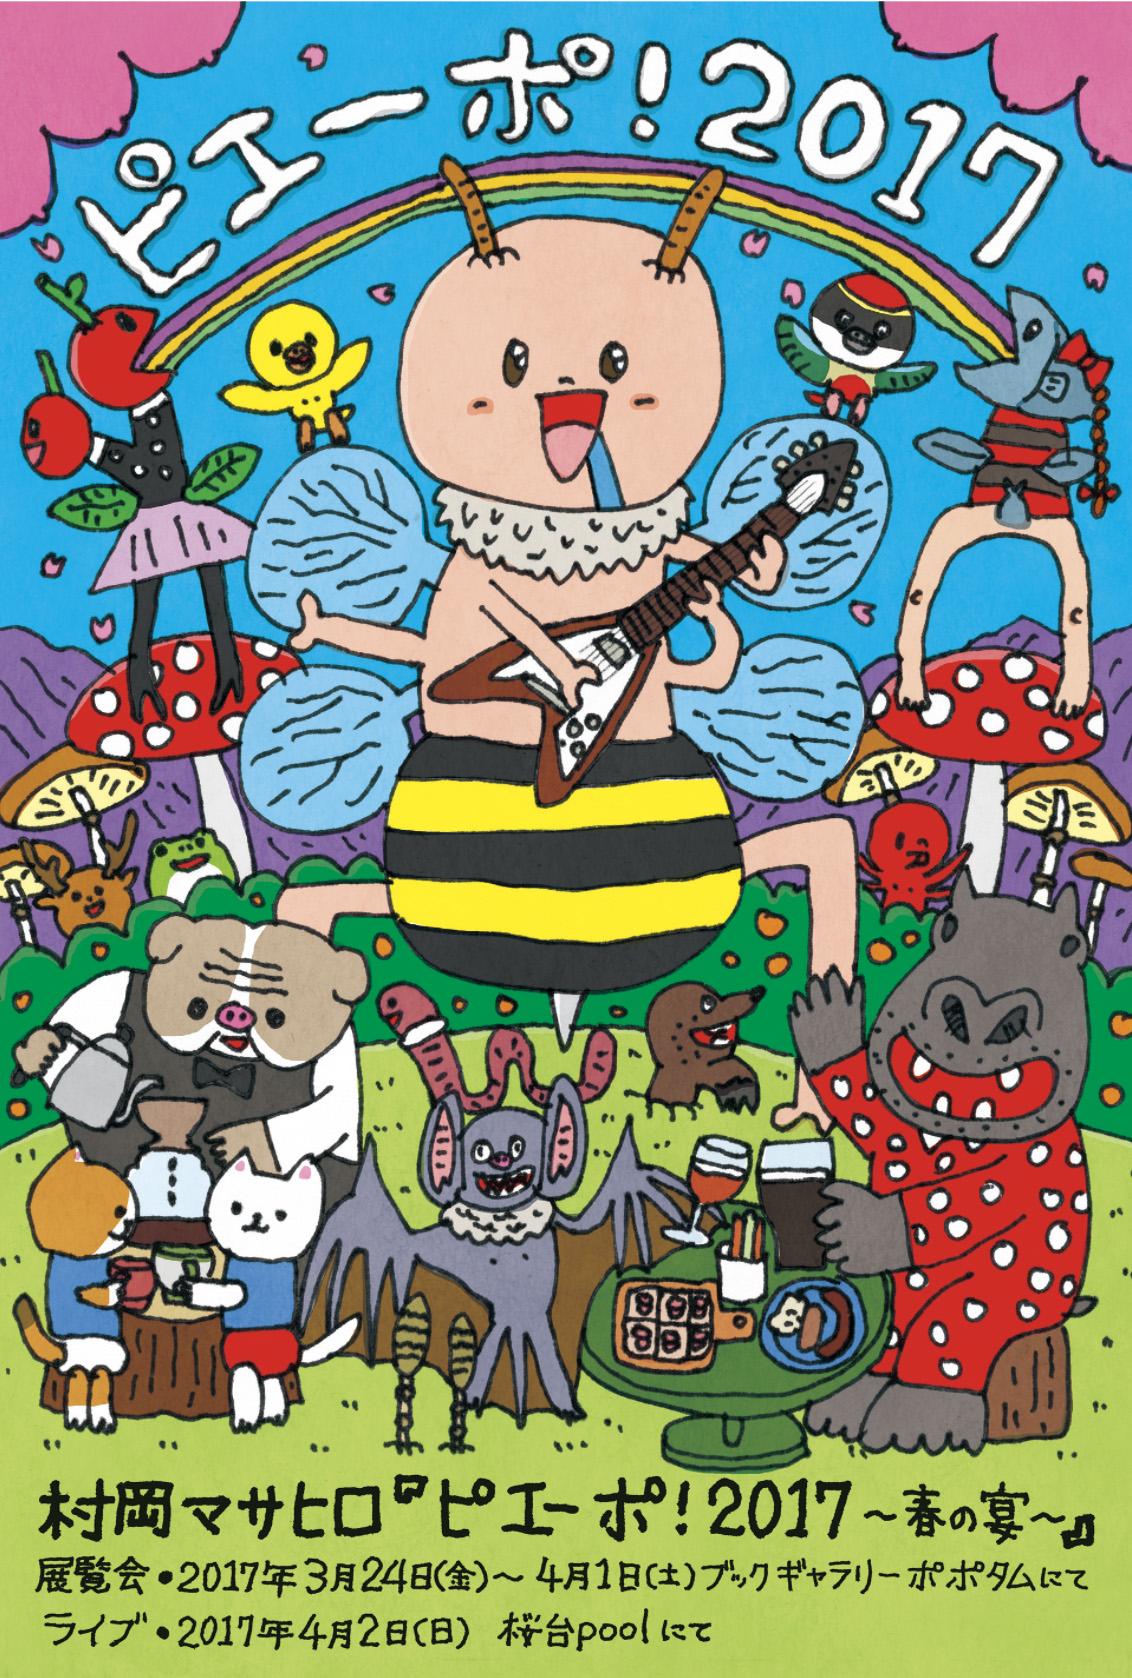 村岡マサヒロ[MASAHIRO MURAOKA]-漫画家 村岡マサヒロの公式ホームページです。